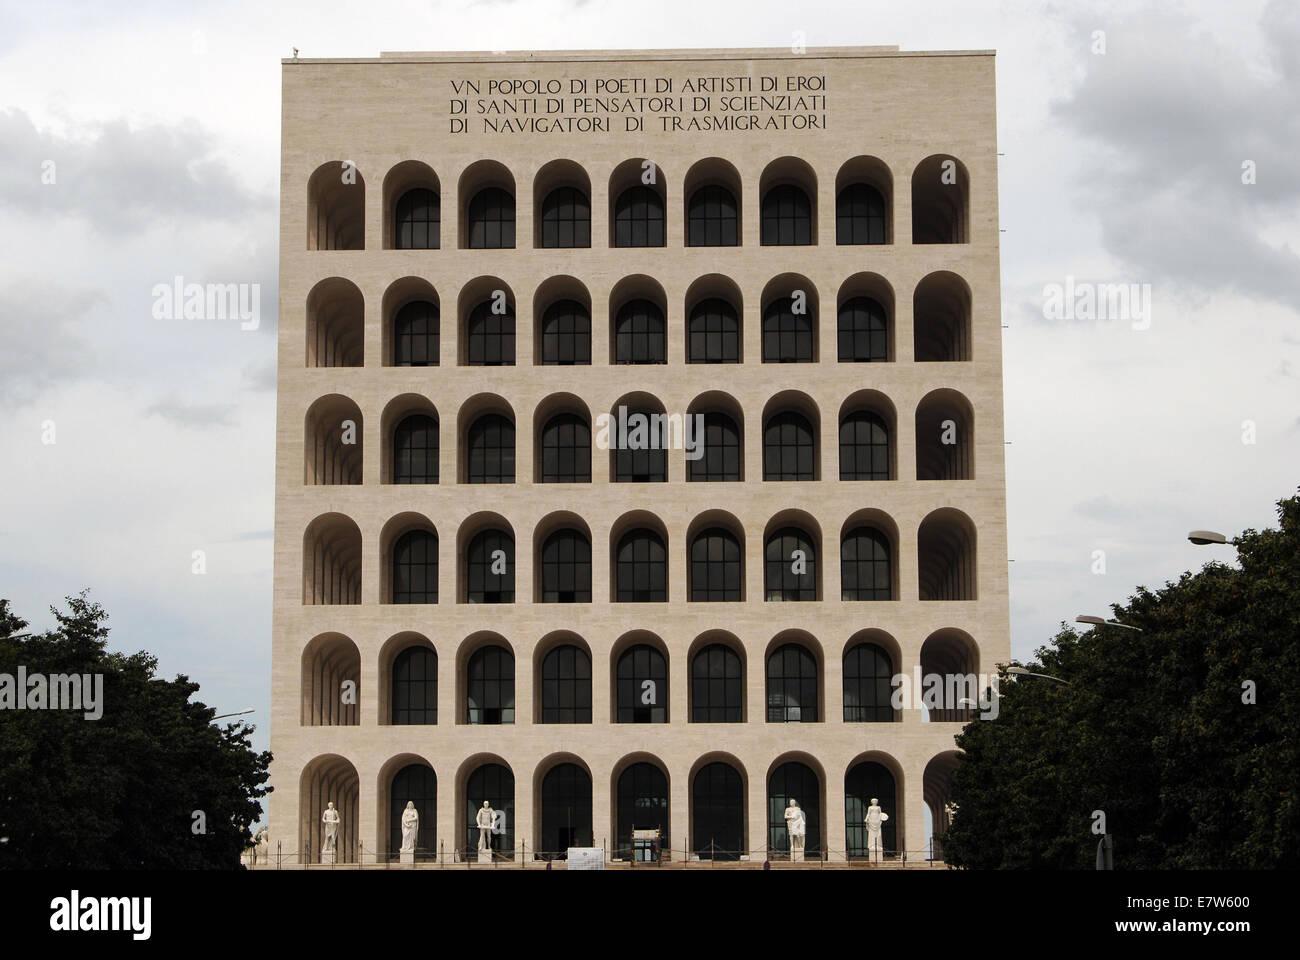 Coliseo Cuadrado (Palazzo della Civilta Italiana). Construido entre 1938-1943 por Guerrini, Lapadula y Romano. Exterior. Imagen De Stock